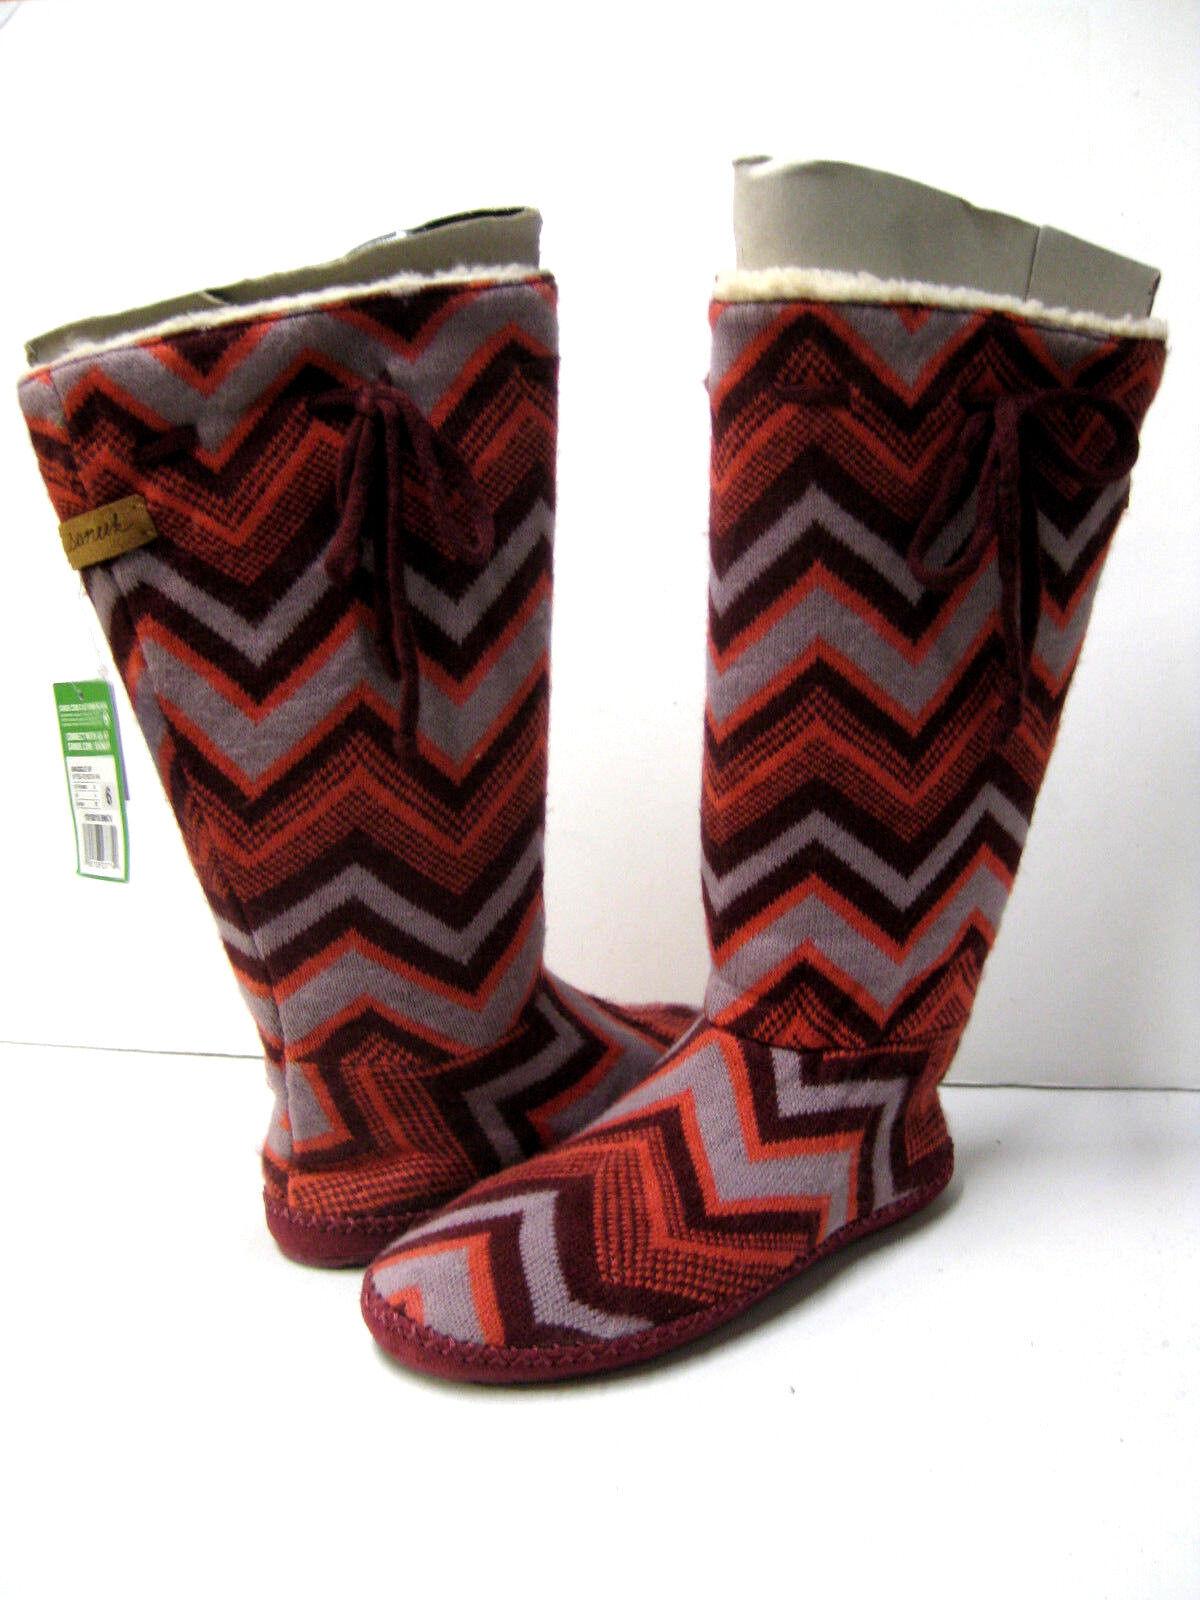 Sanuk Acurrucarse botas botas botas Mujer Borgoña Muiti Chevron EE. UU. 6  el más barato